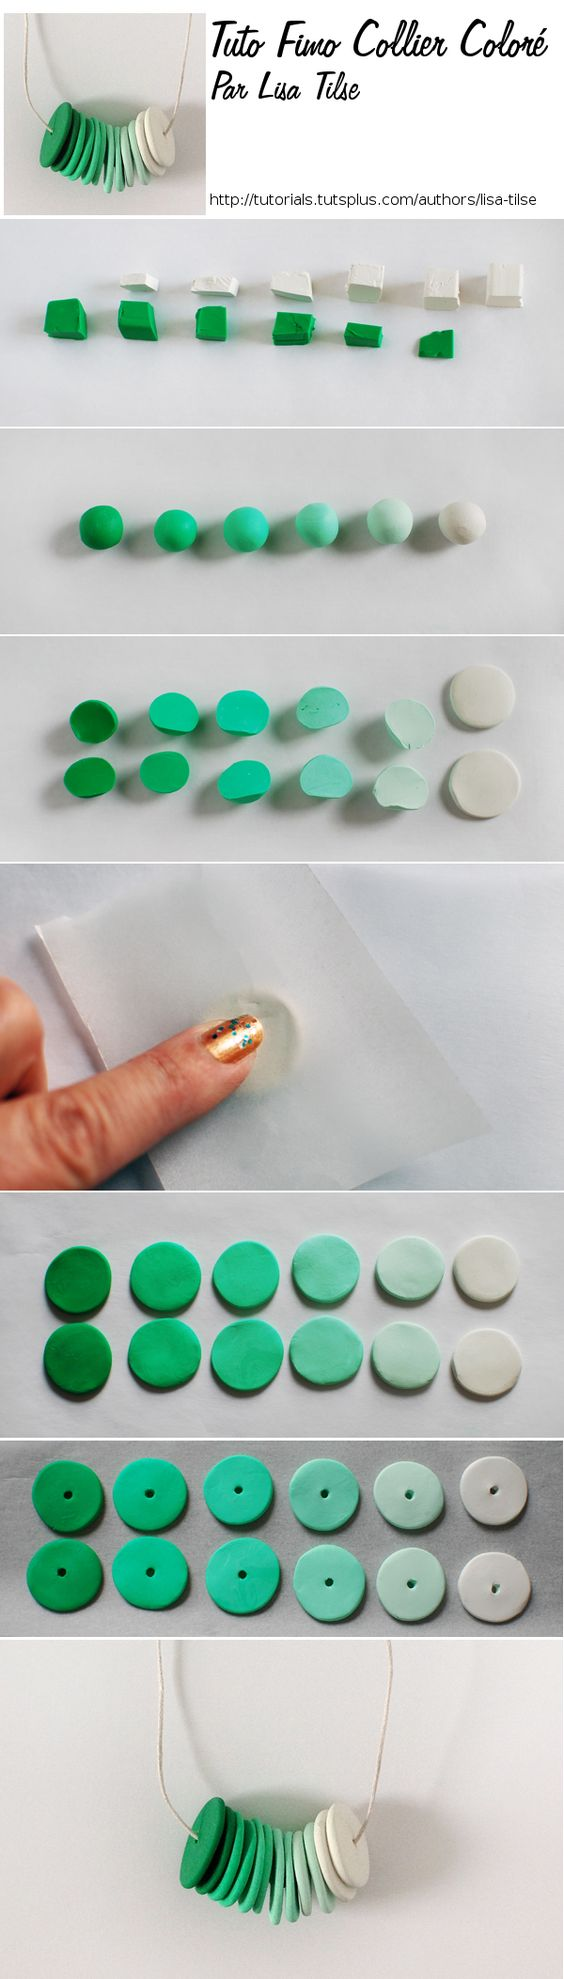 tuto fimo d'un joli collier colore facile à faire